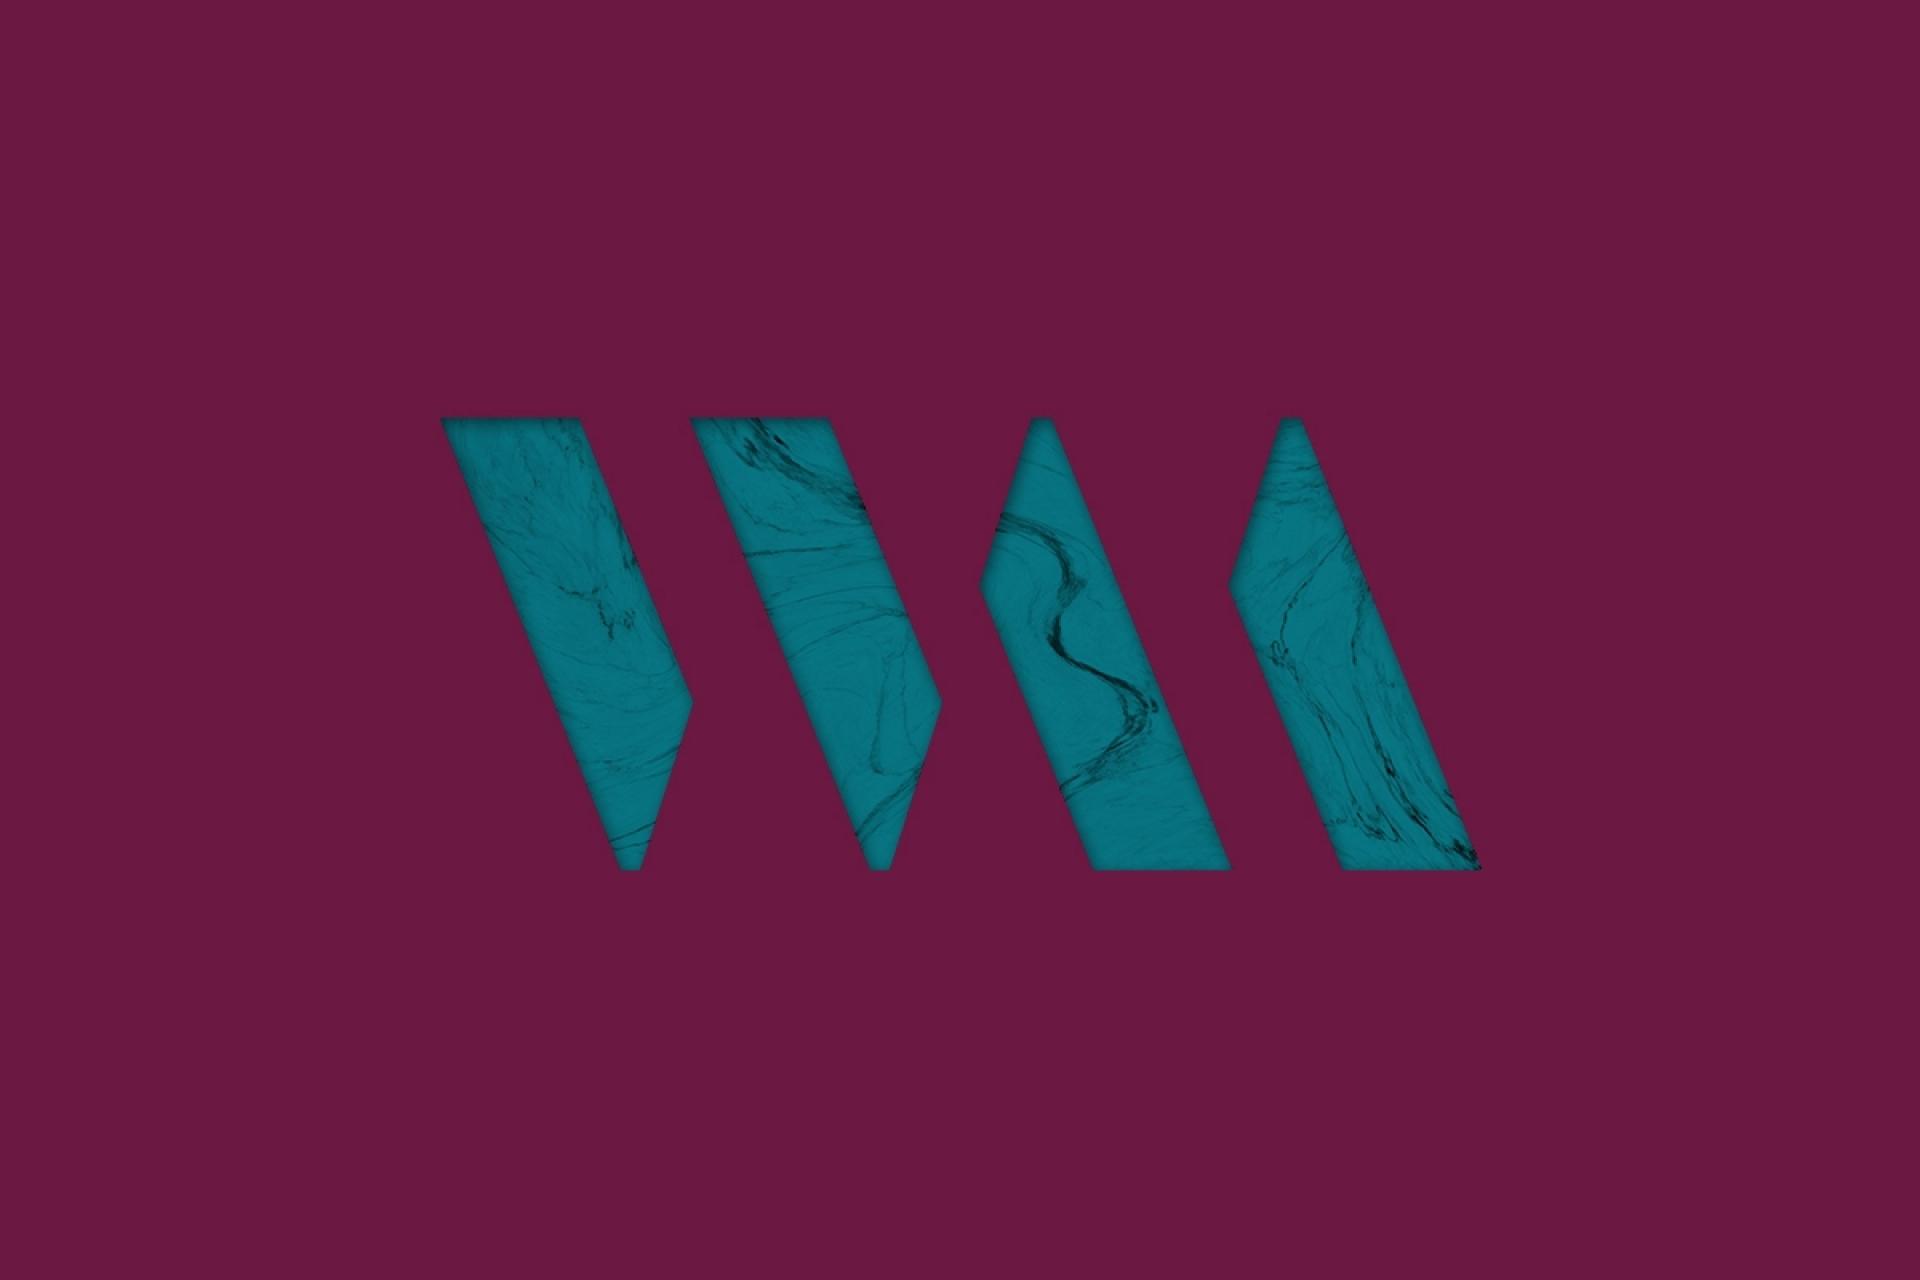 Wmonburg 1